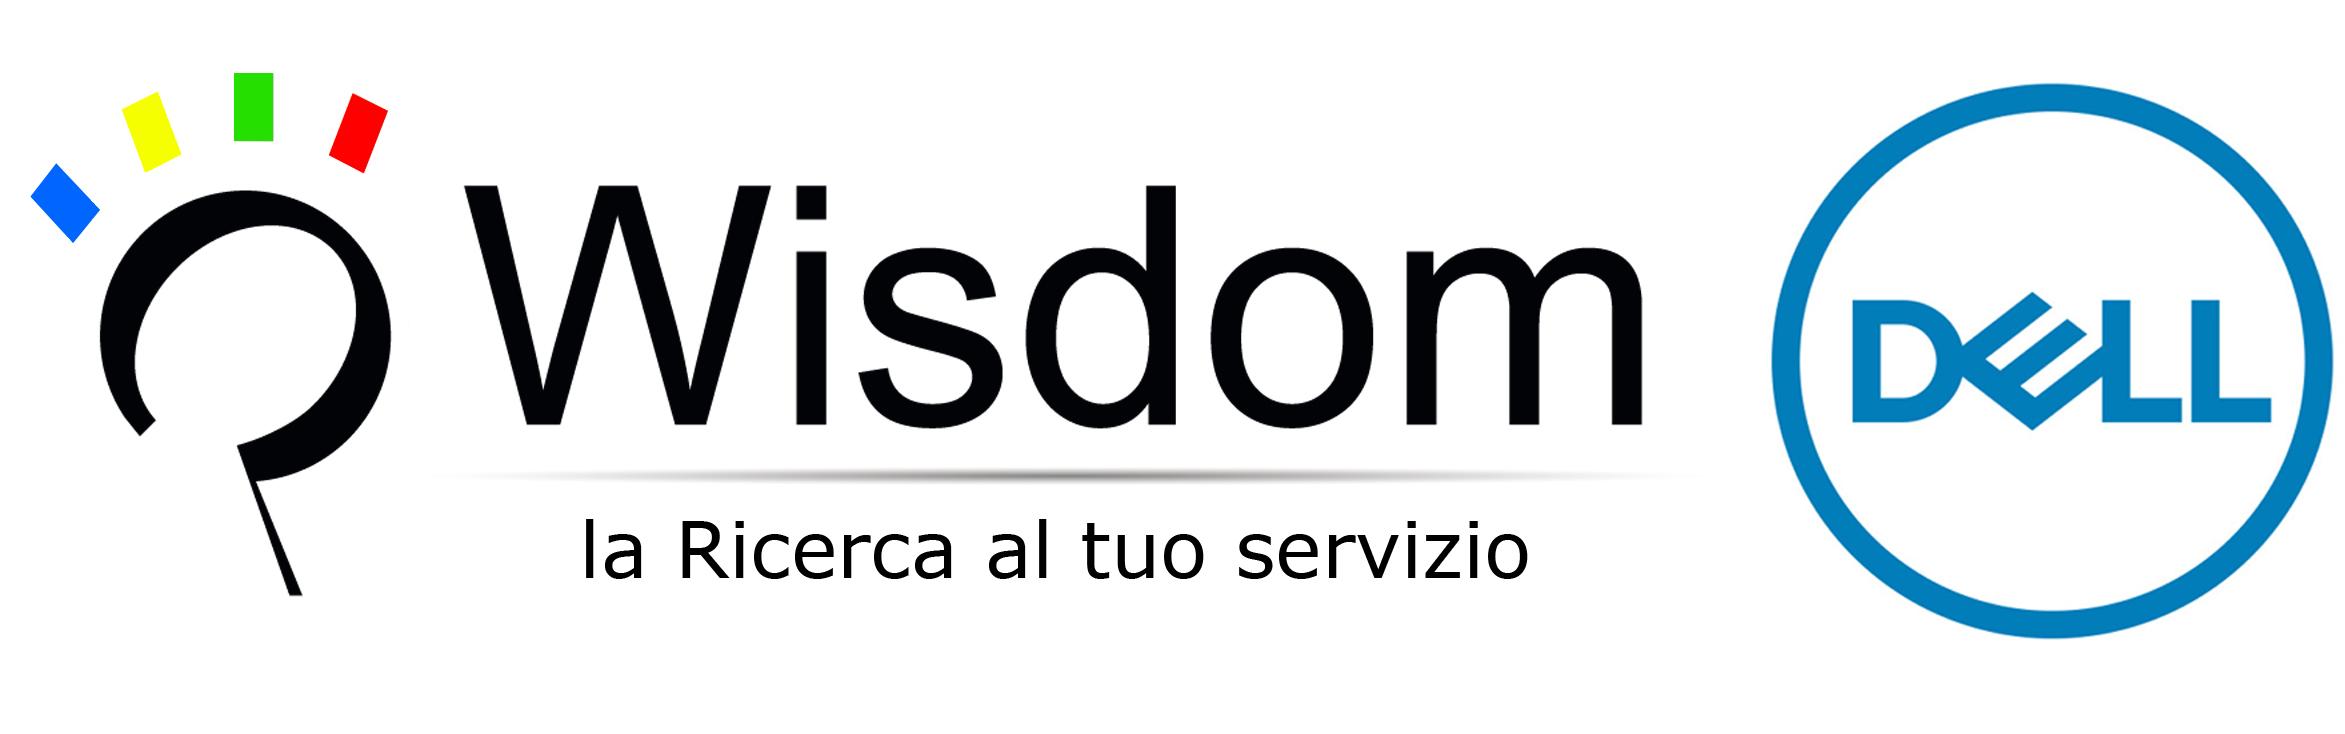 Wisdom - Centro di ricerca per soluzioni informatiche evolute - Certificati e autorizzati DELL